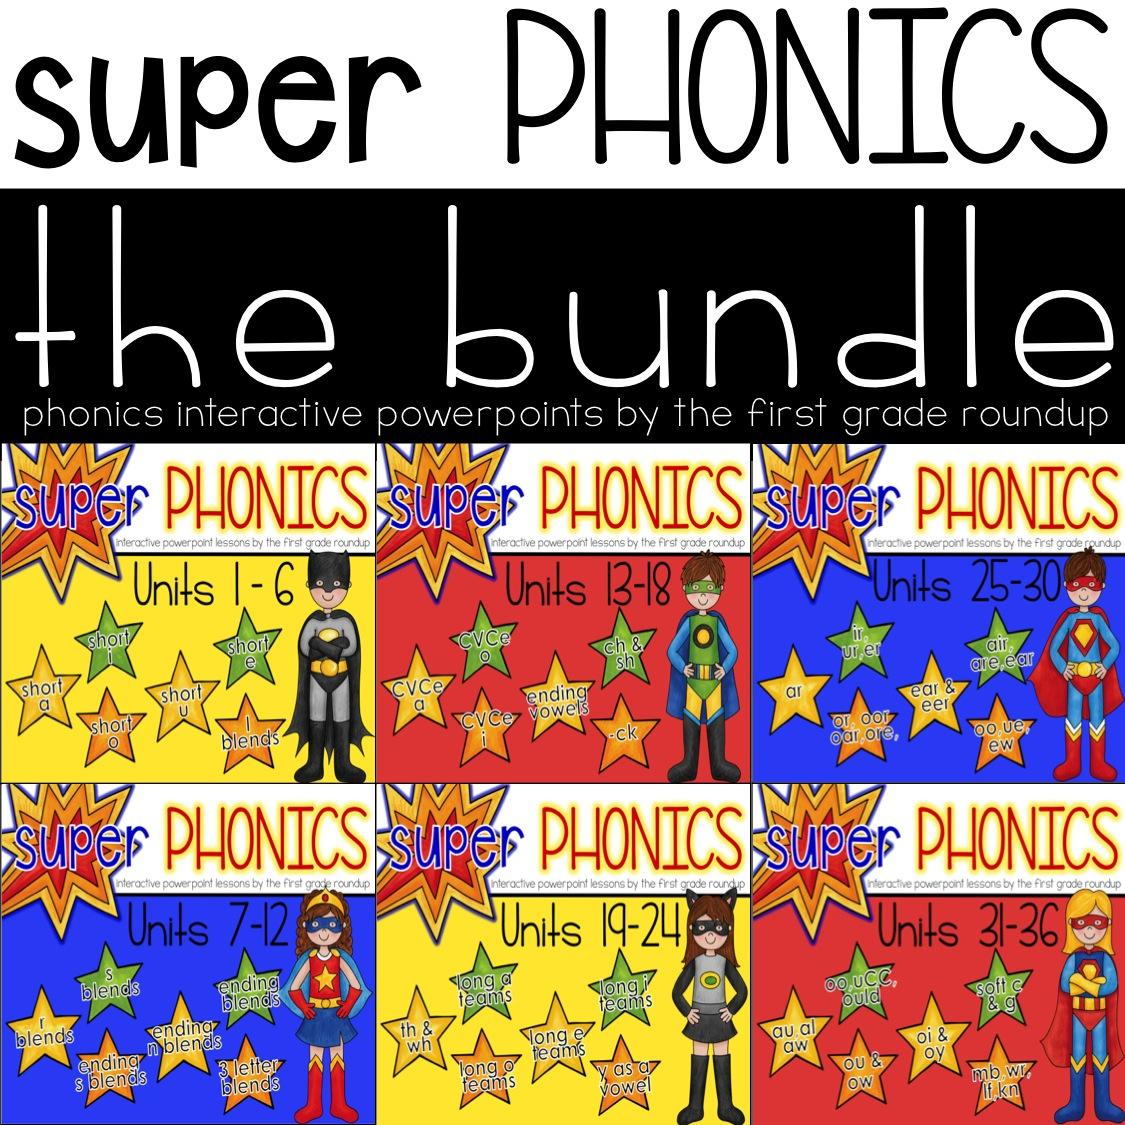 Super Phonics